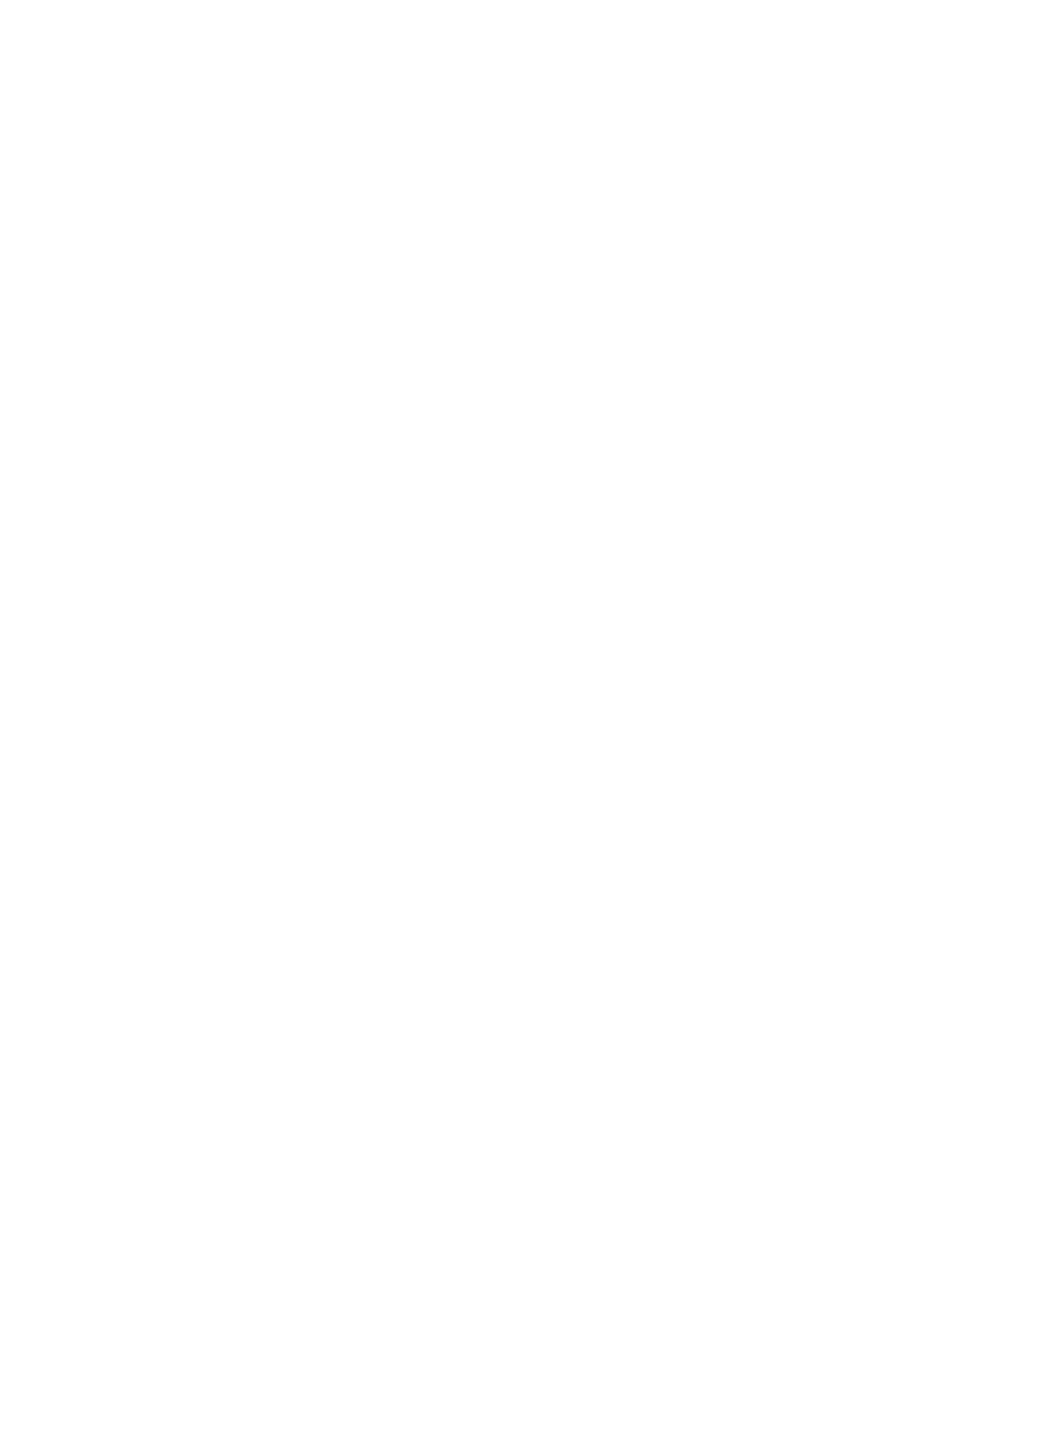 ML Devco